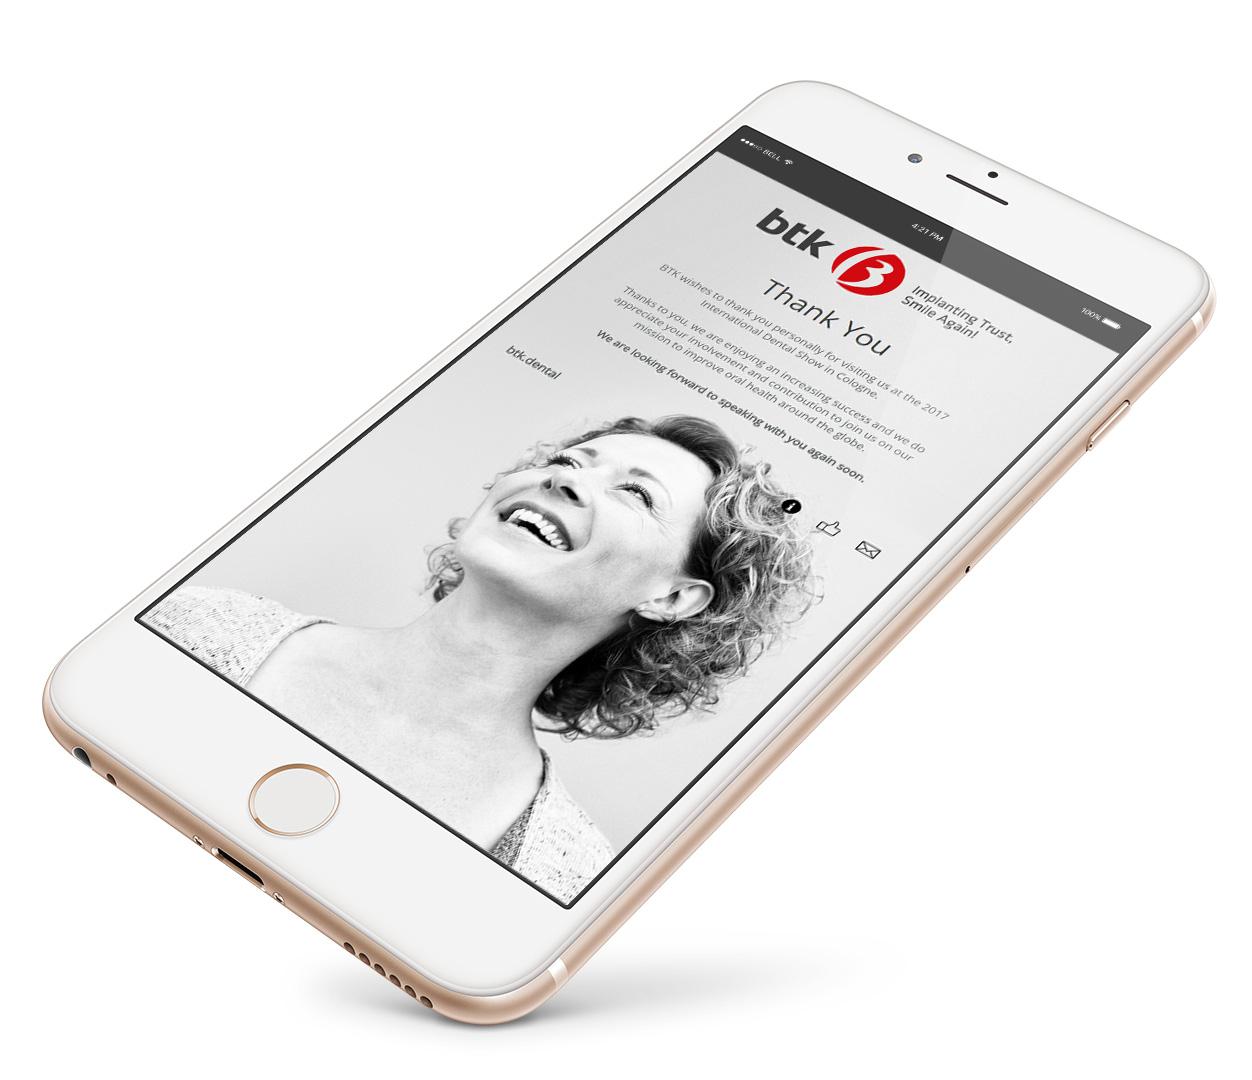 Direct email marketing - Cattura l'attenzione dei destinatari   OIS Agenzia